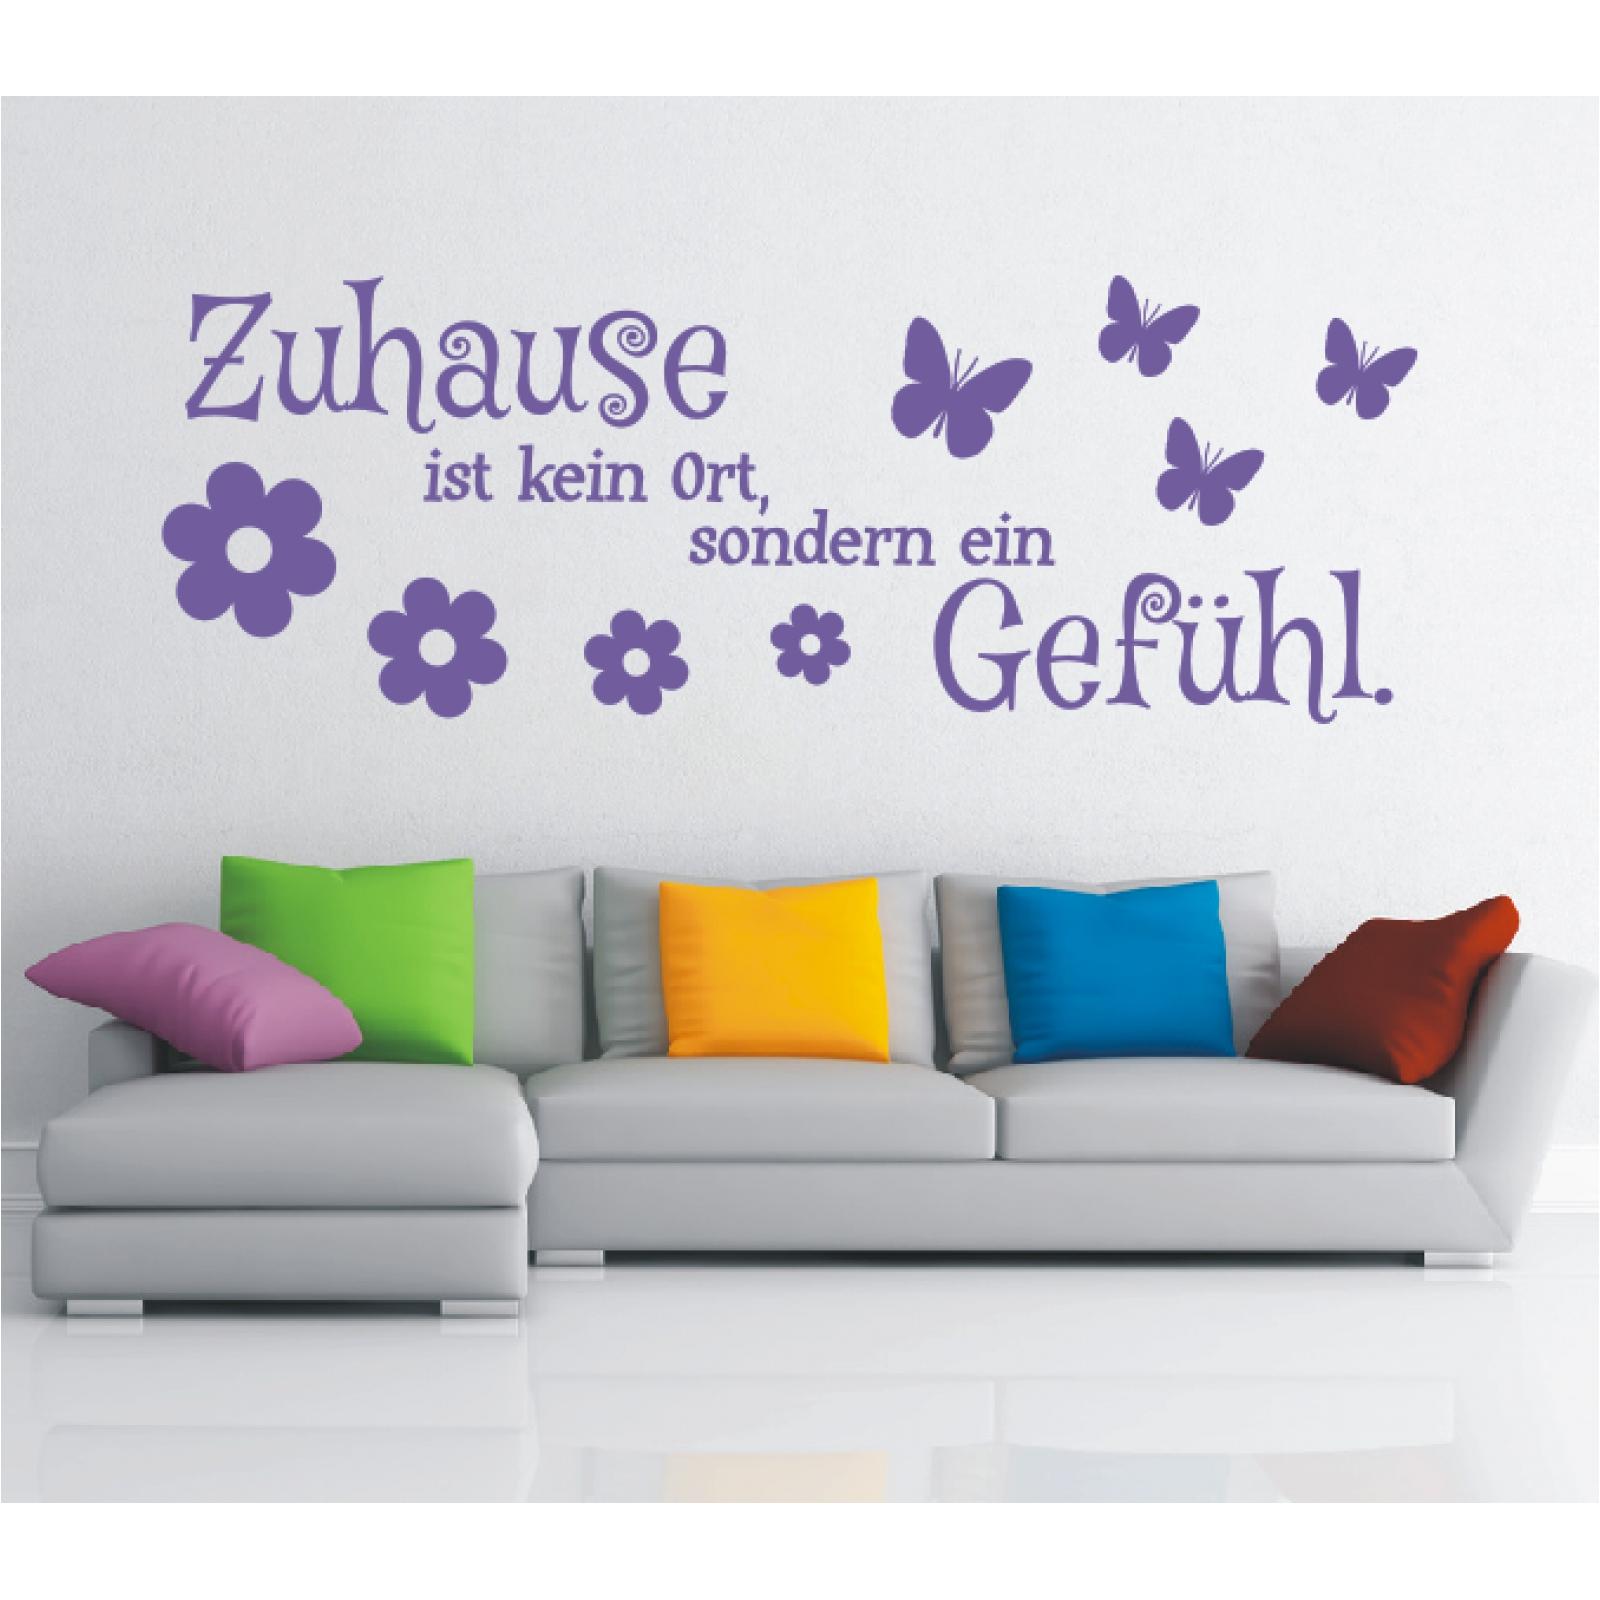 Wandtattoo-Spruch-Zuhause-kein-Ort-Gefuehl-Wandsticker-Sticker-Wandaufkleber-9